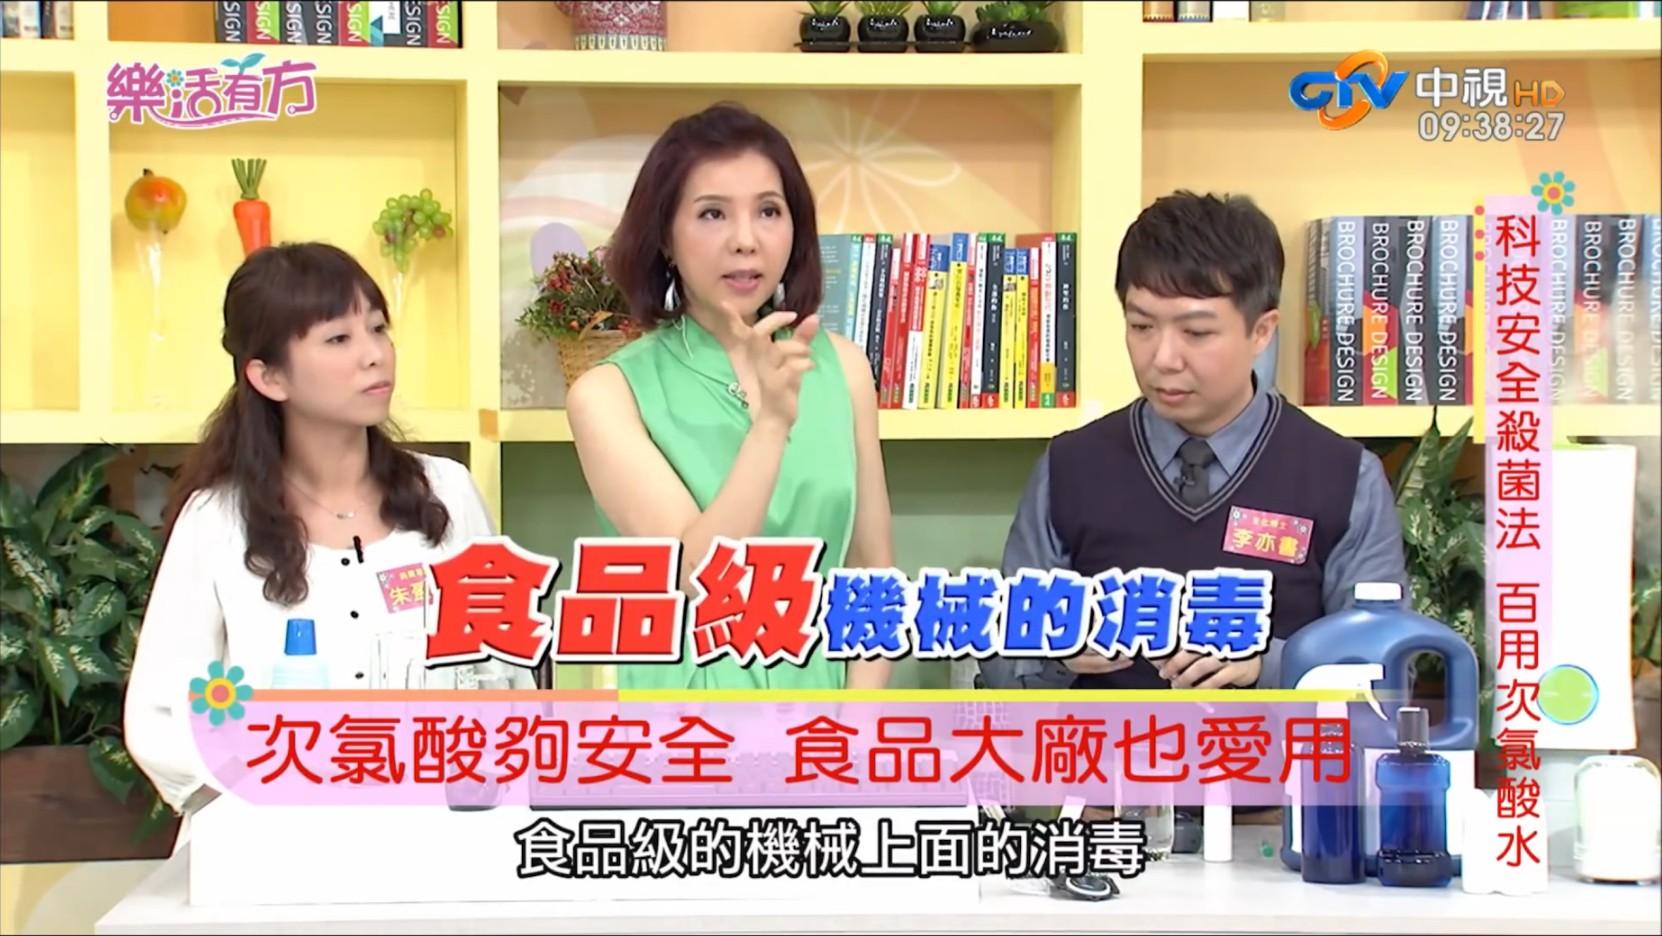 旺旺集團底下的中視 樂活有方節目只有說道食品級機械的消毒,但這個節目卻沒說『實際上在日本的食品廠是不能有任何次氯酸的殘留』